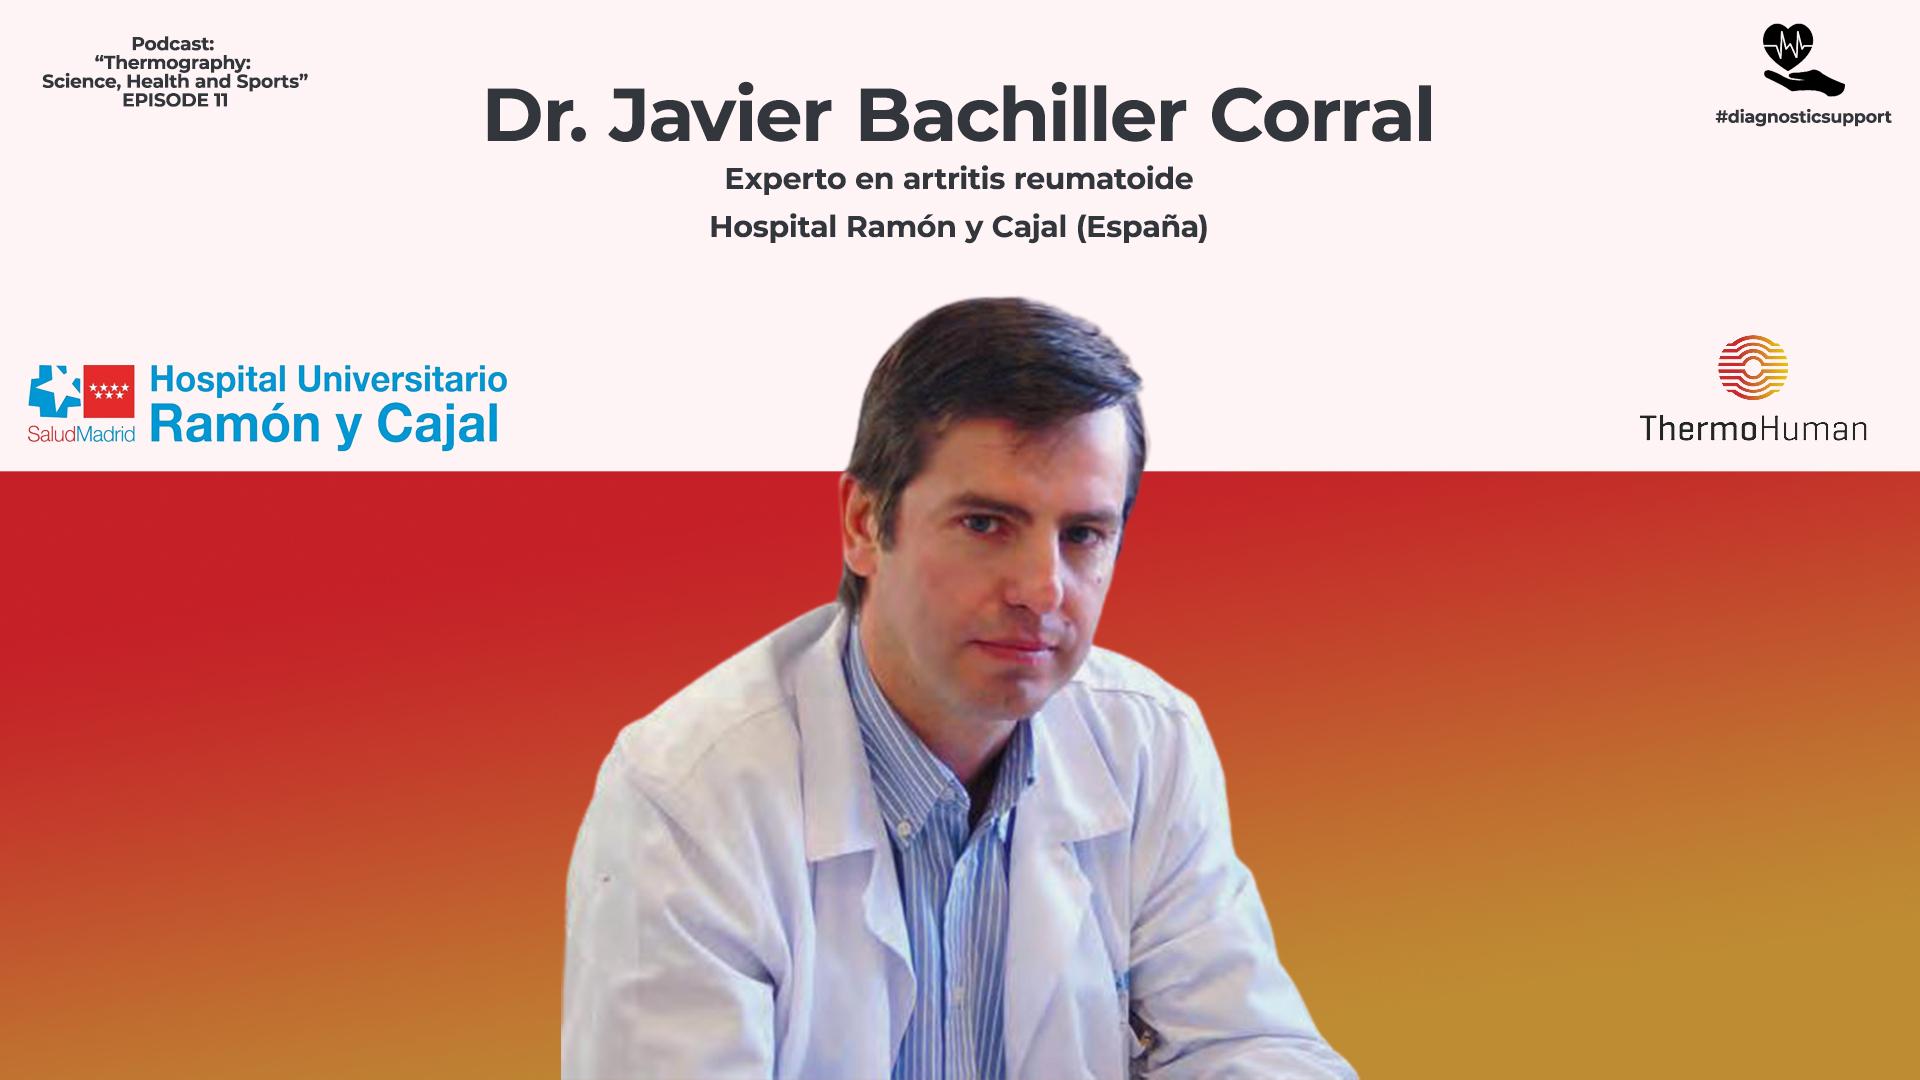 Podcast 11: Dr. Javier Bachiller, experto en artritis reumatoide